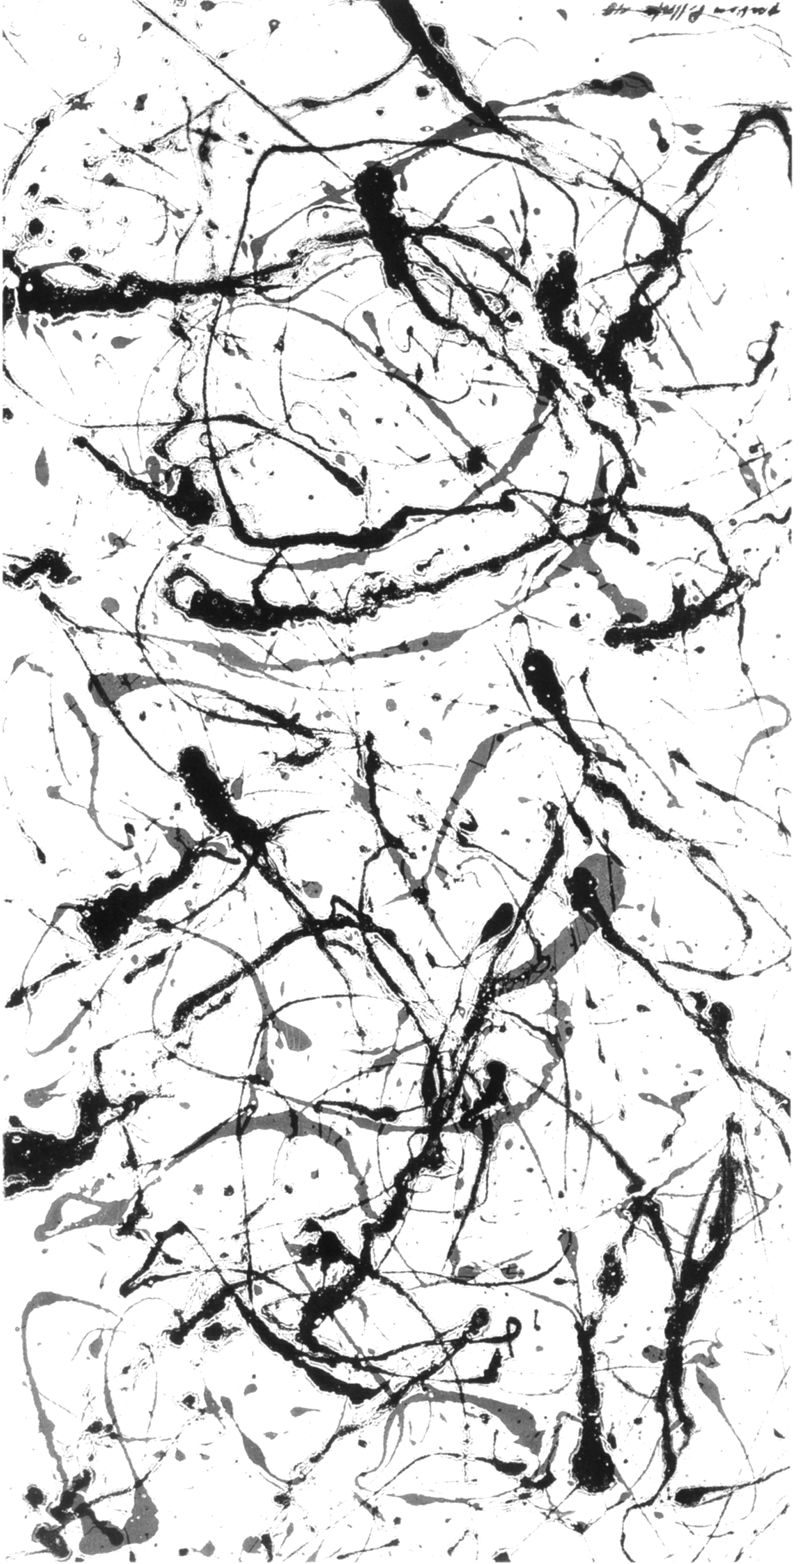 Pollockj Jpg 800 1564 Arte Moderno Pintura Arte Abstracto Expresionismo Abstracto